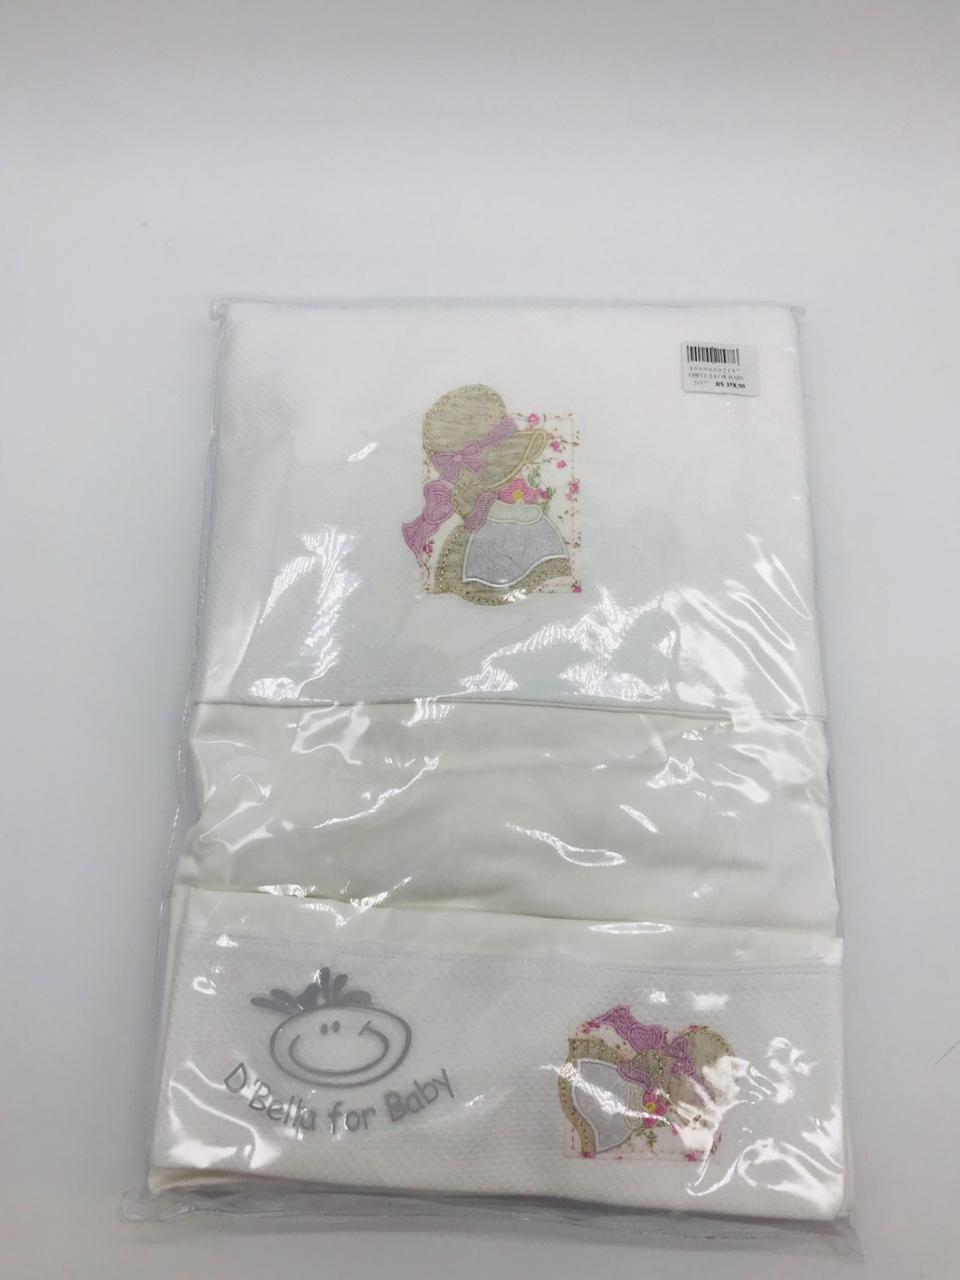 Lençol de Berço Percal Menininha Branco - Dbella Ref Col 02143-004u